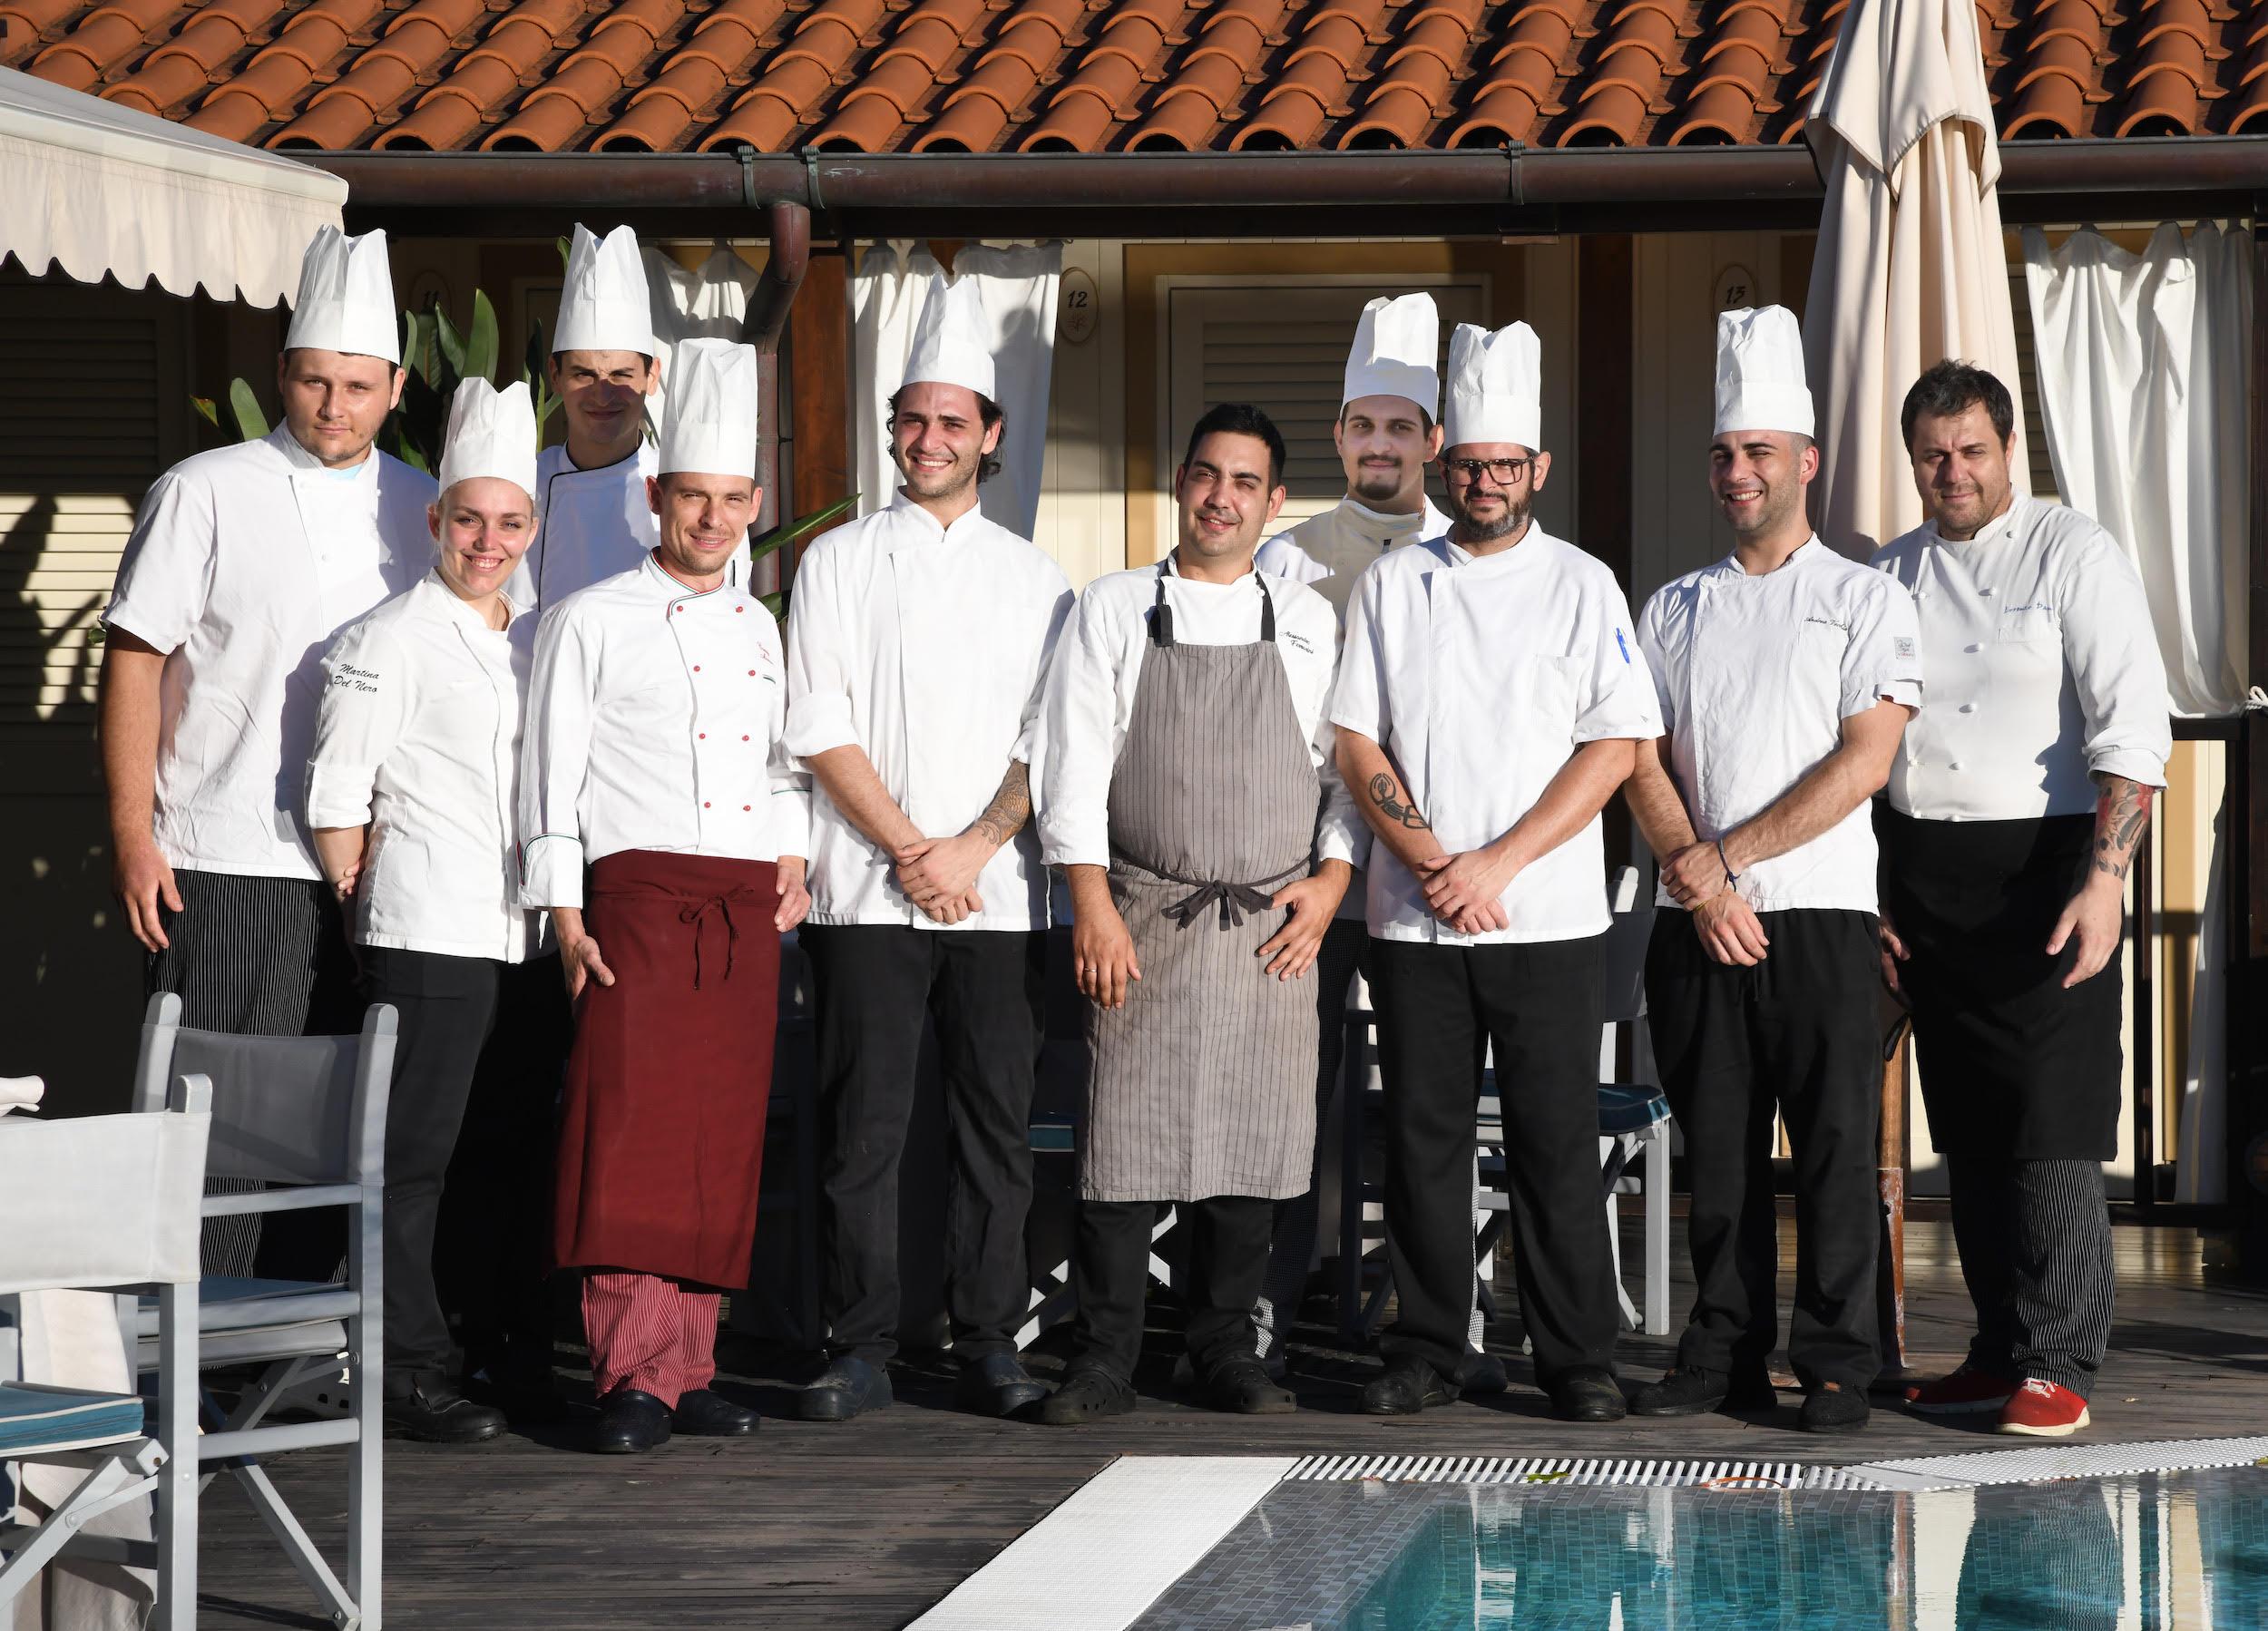 La brigata del del ristorante Franco Mare a Marina di Pietrasanta